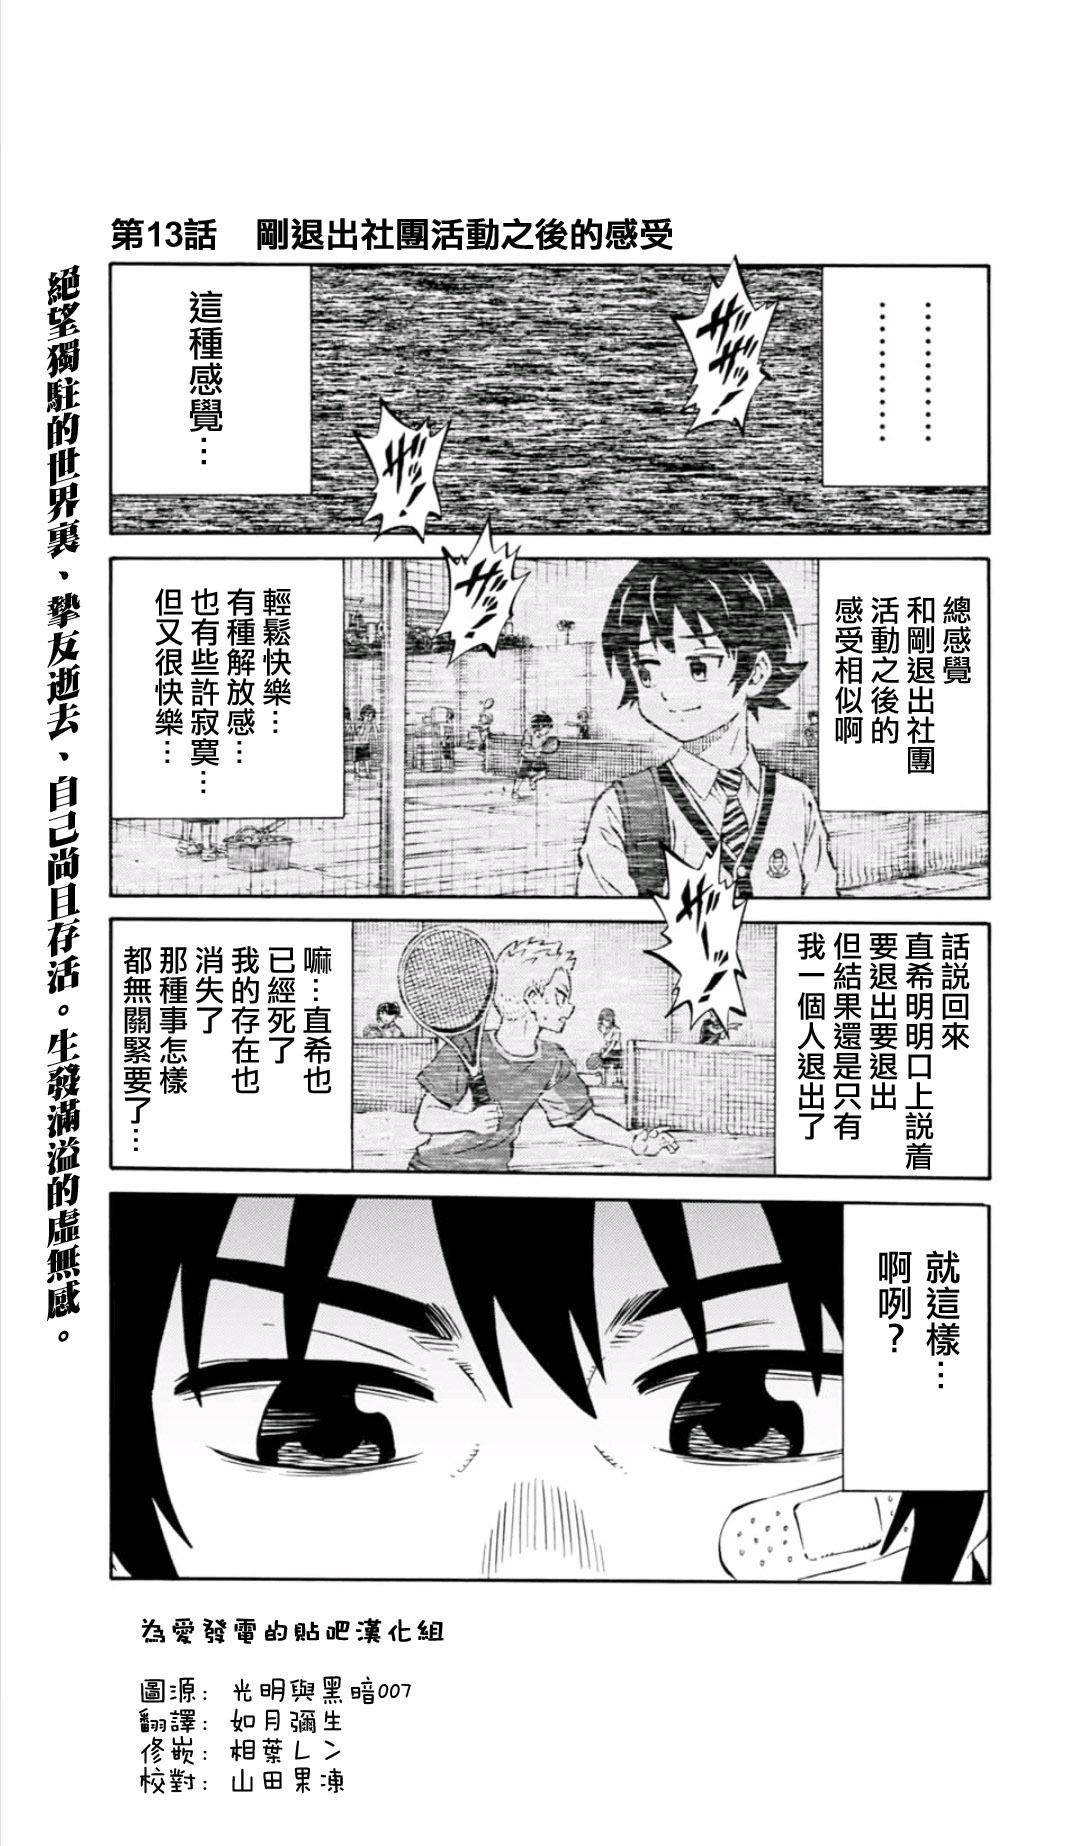 Arrive 天空 侵犯 【漫画】天空侵犯arrive4巻の続き45話以降を無料で読む方法